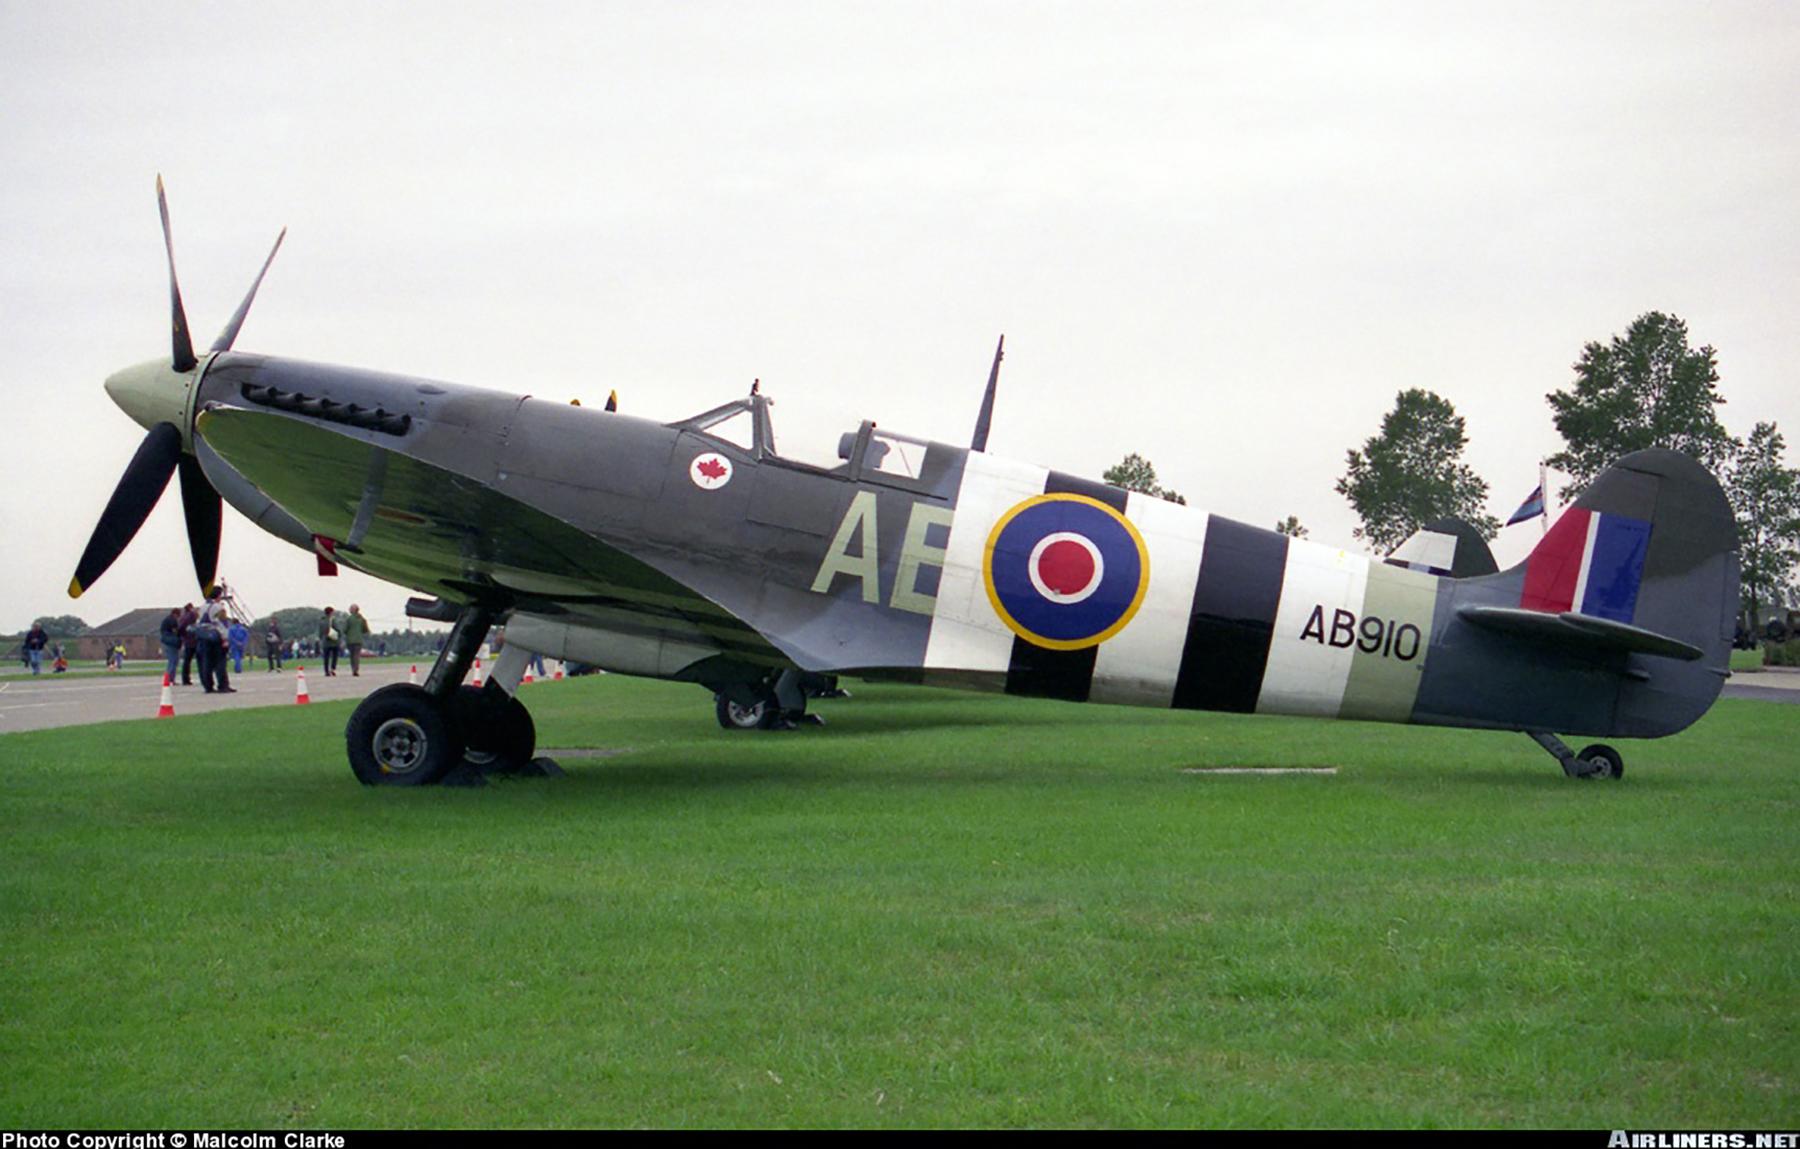 Airworthy Spitfire warbird RCAF AE AB910 01